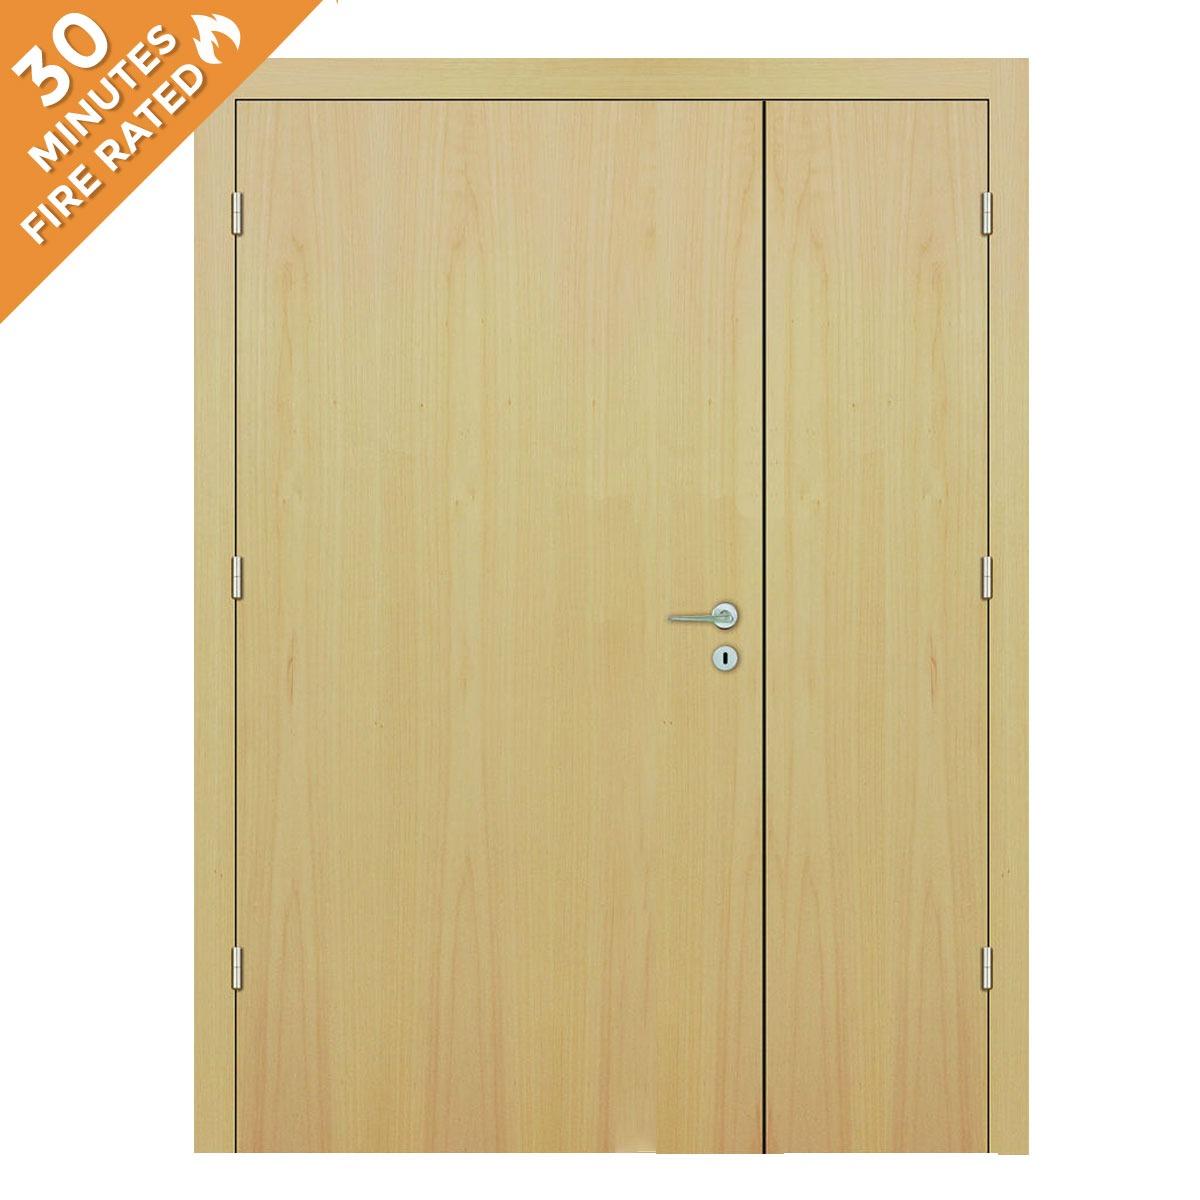 Maple Hospital Door FD30